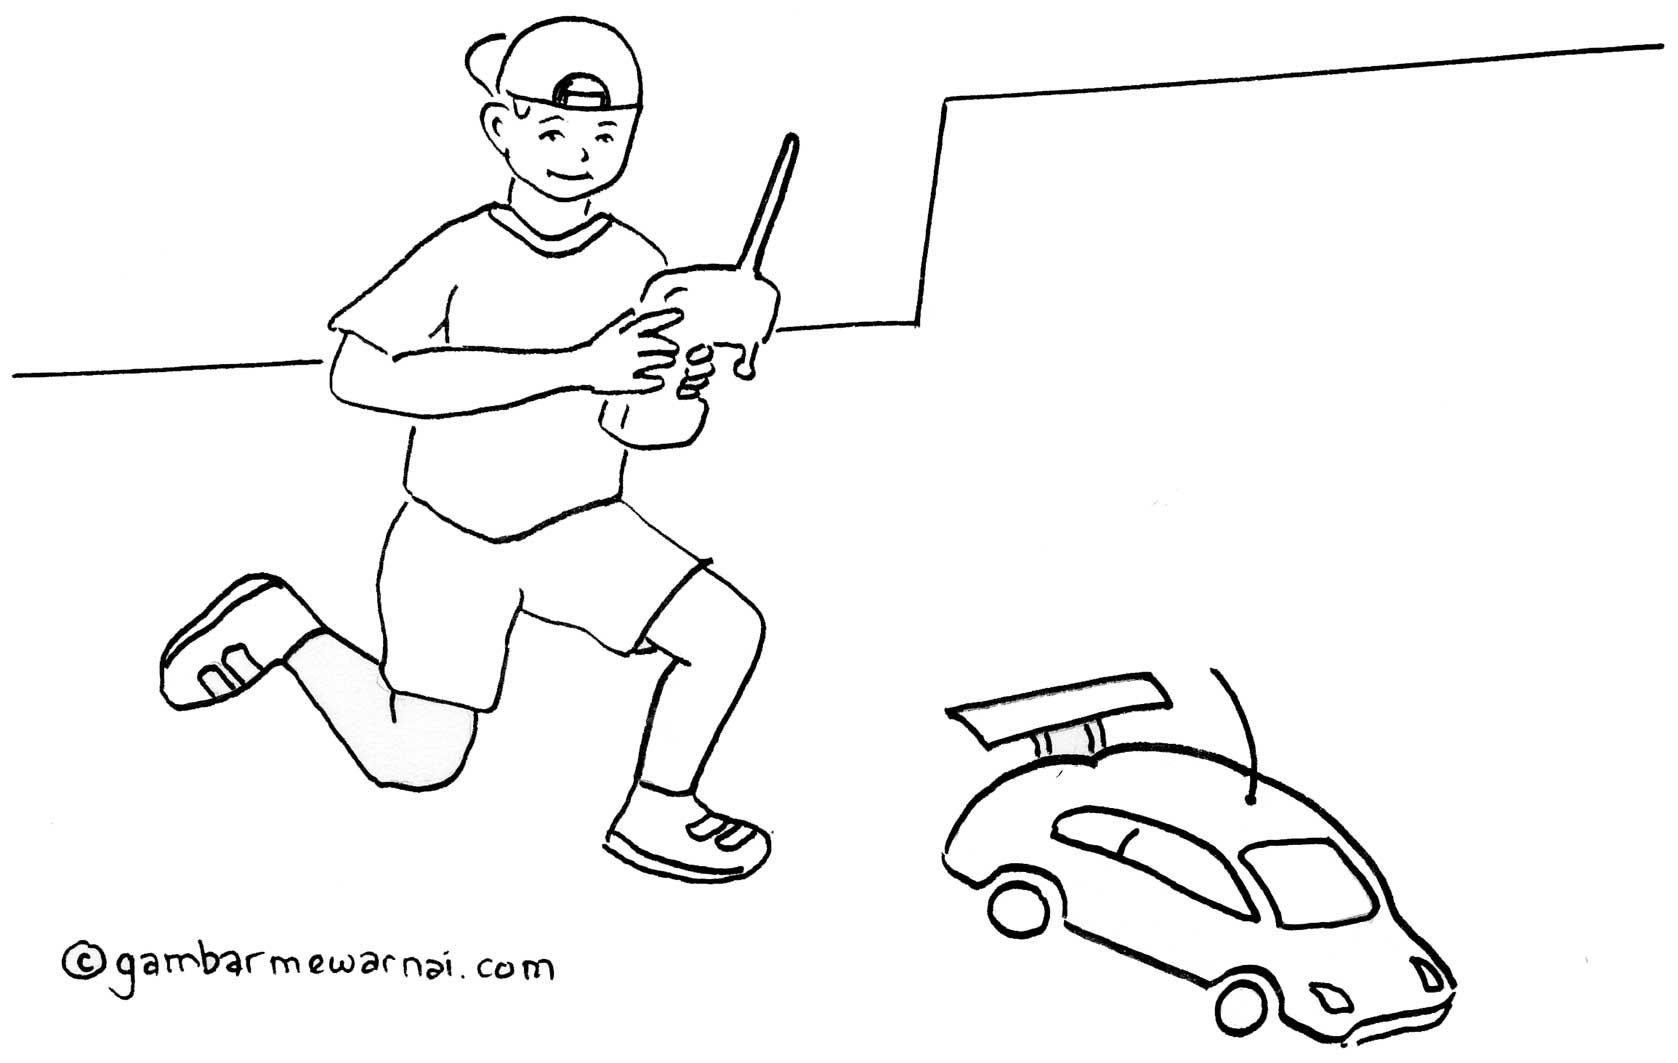 Gambar Mewarnai Anak Bermain Mobil Remote Control Coloring Pages